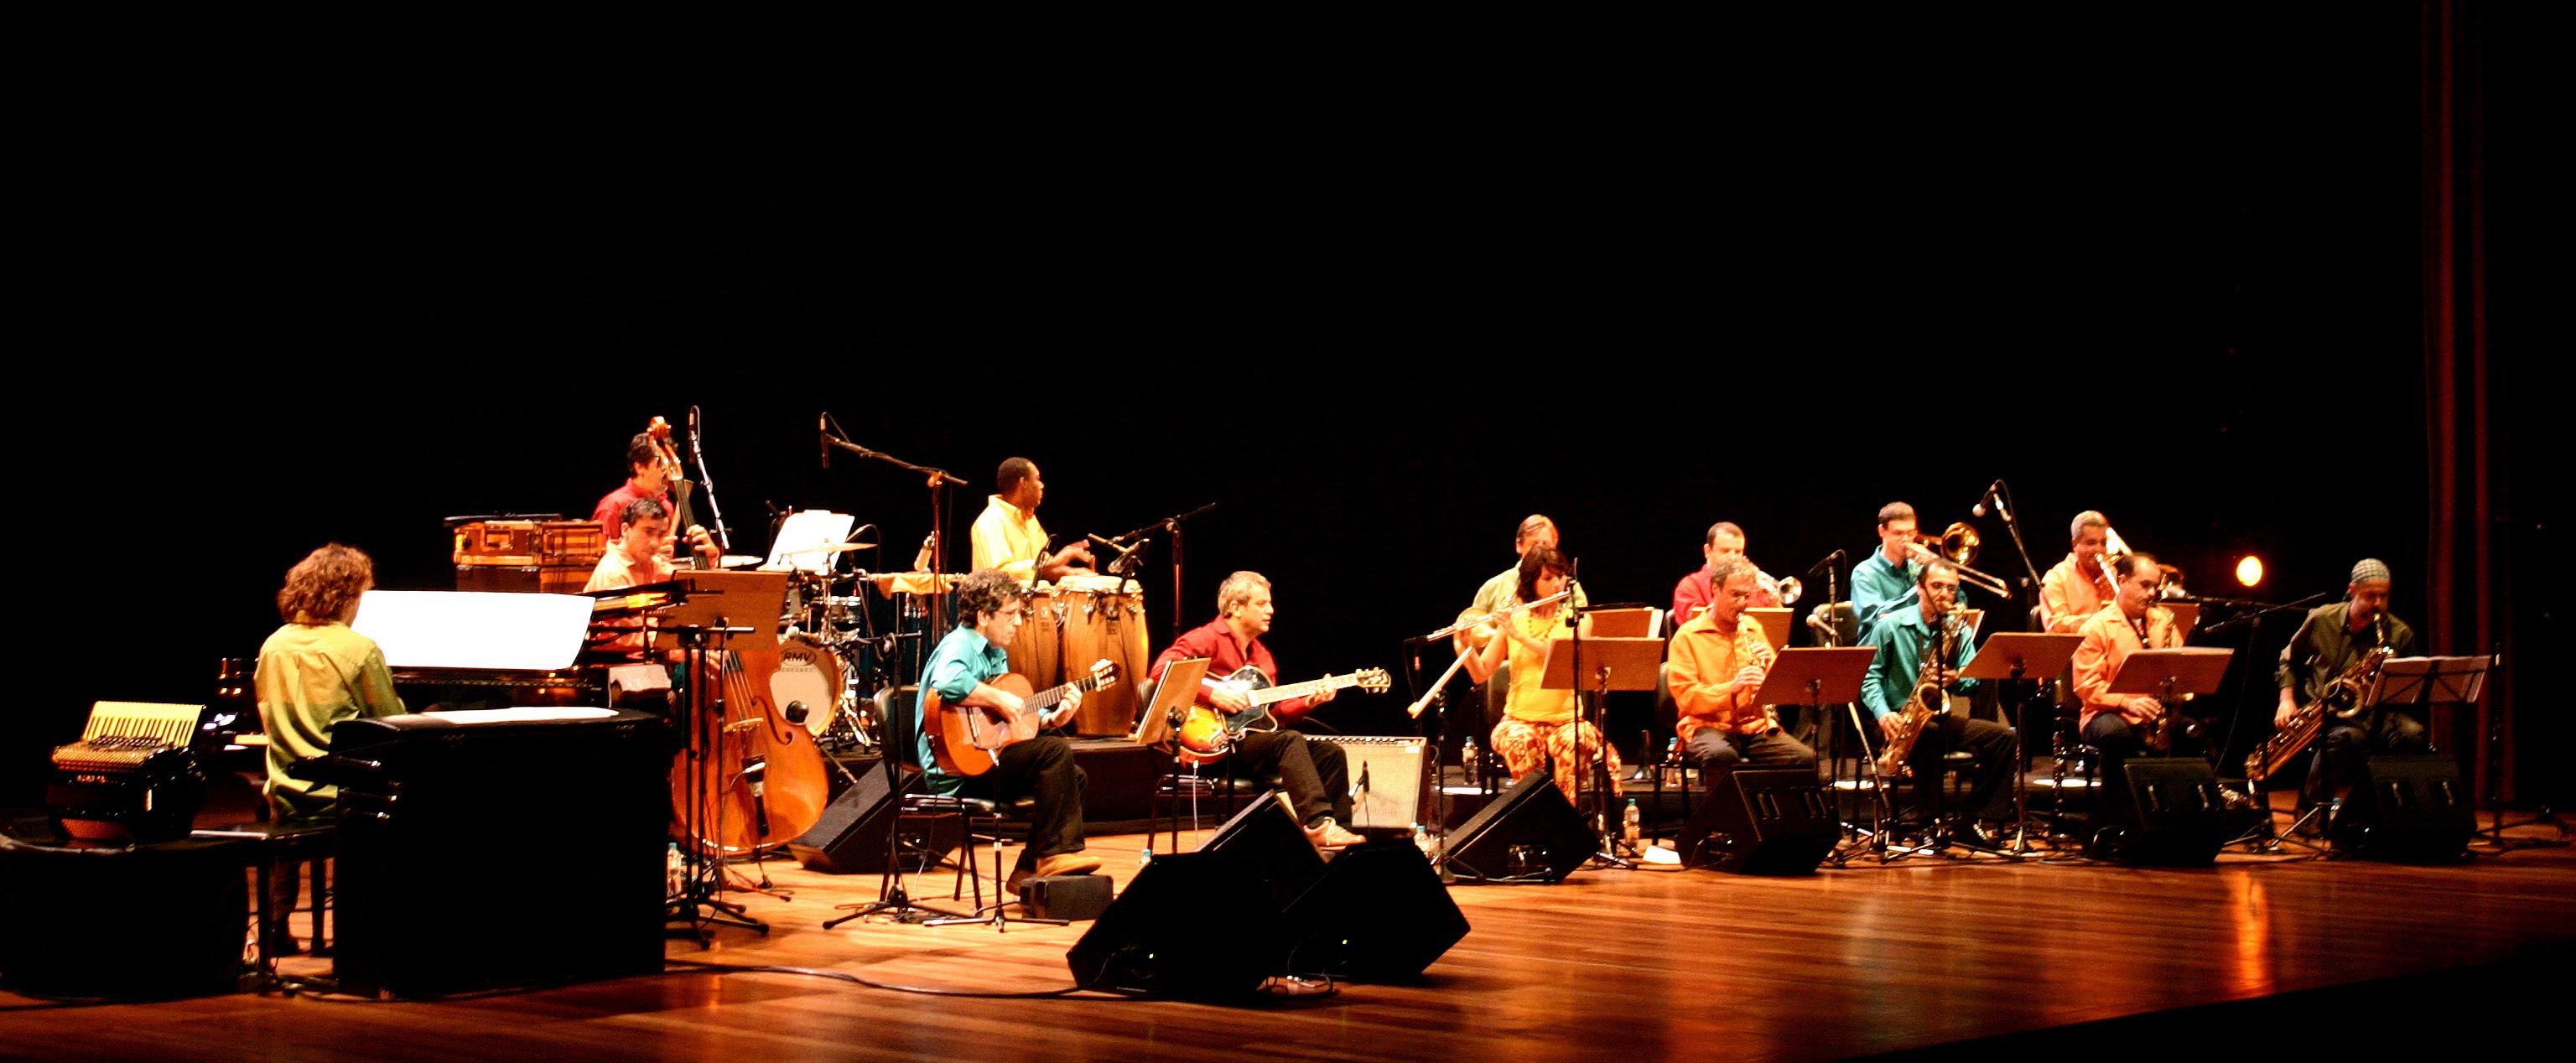 Orquestra Ouro Negro apresenta o clássico repertório do maestro Moacir Santos no Sesc Pinheiros